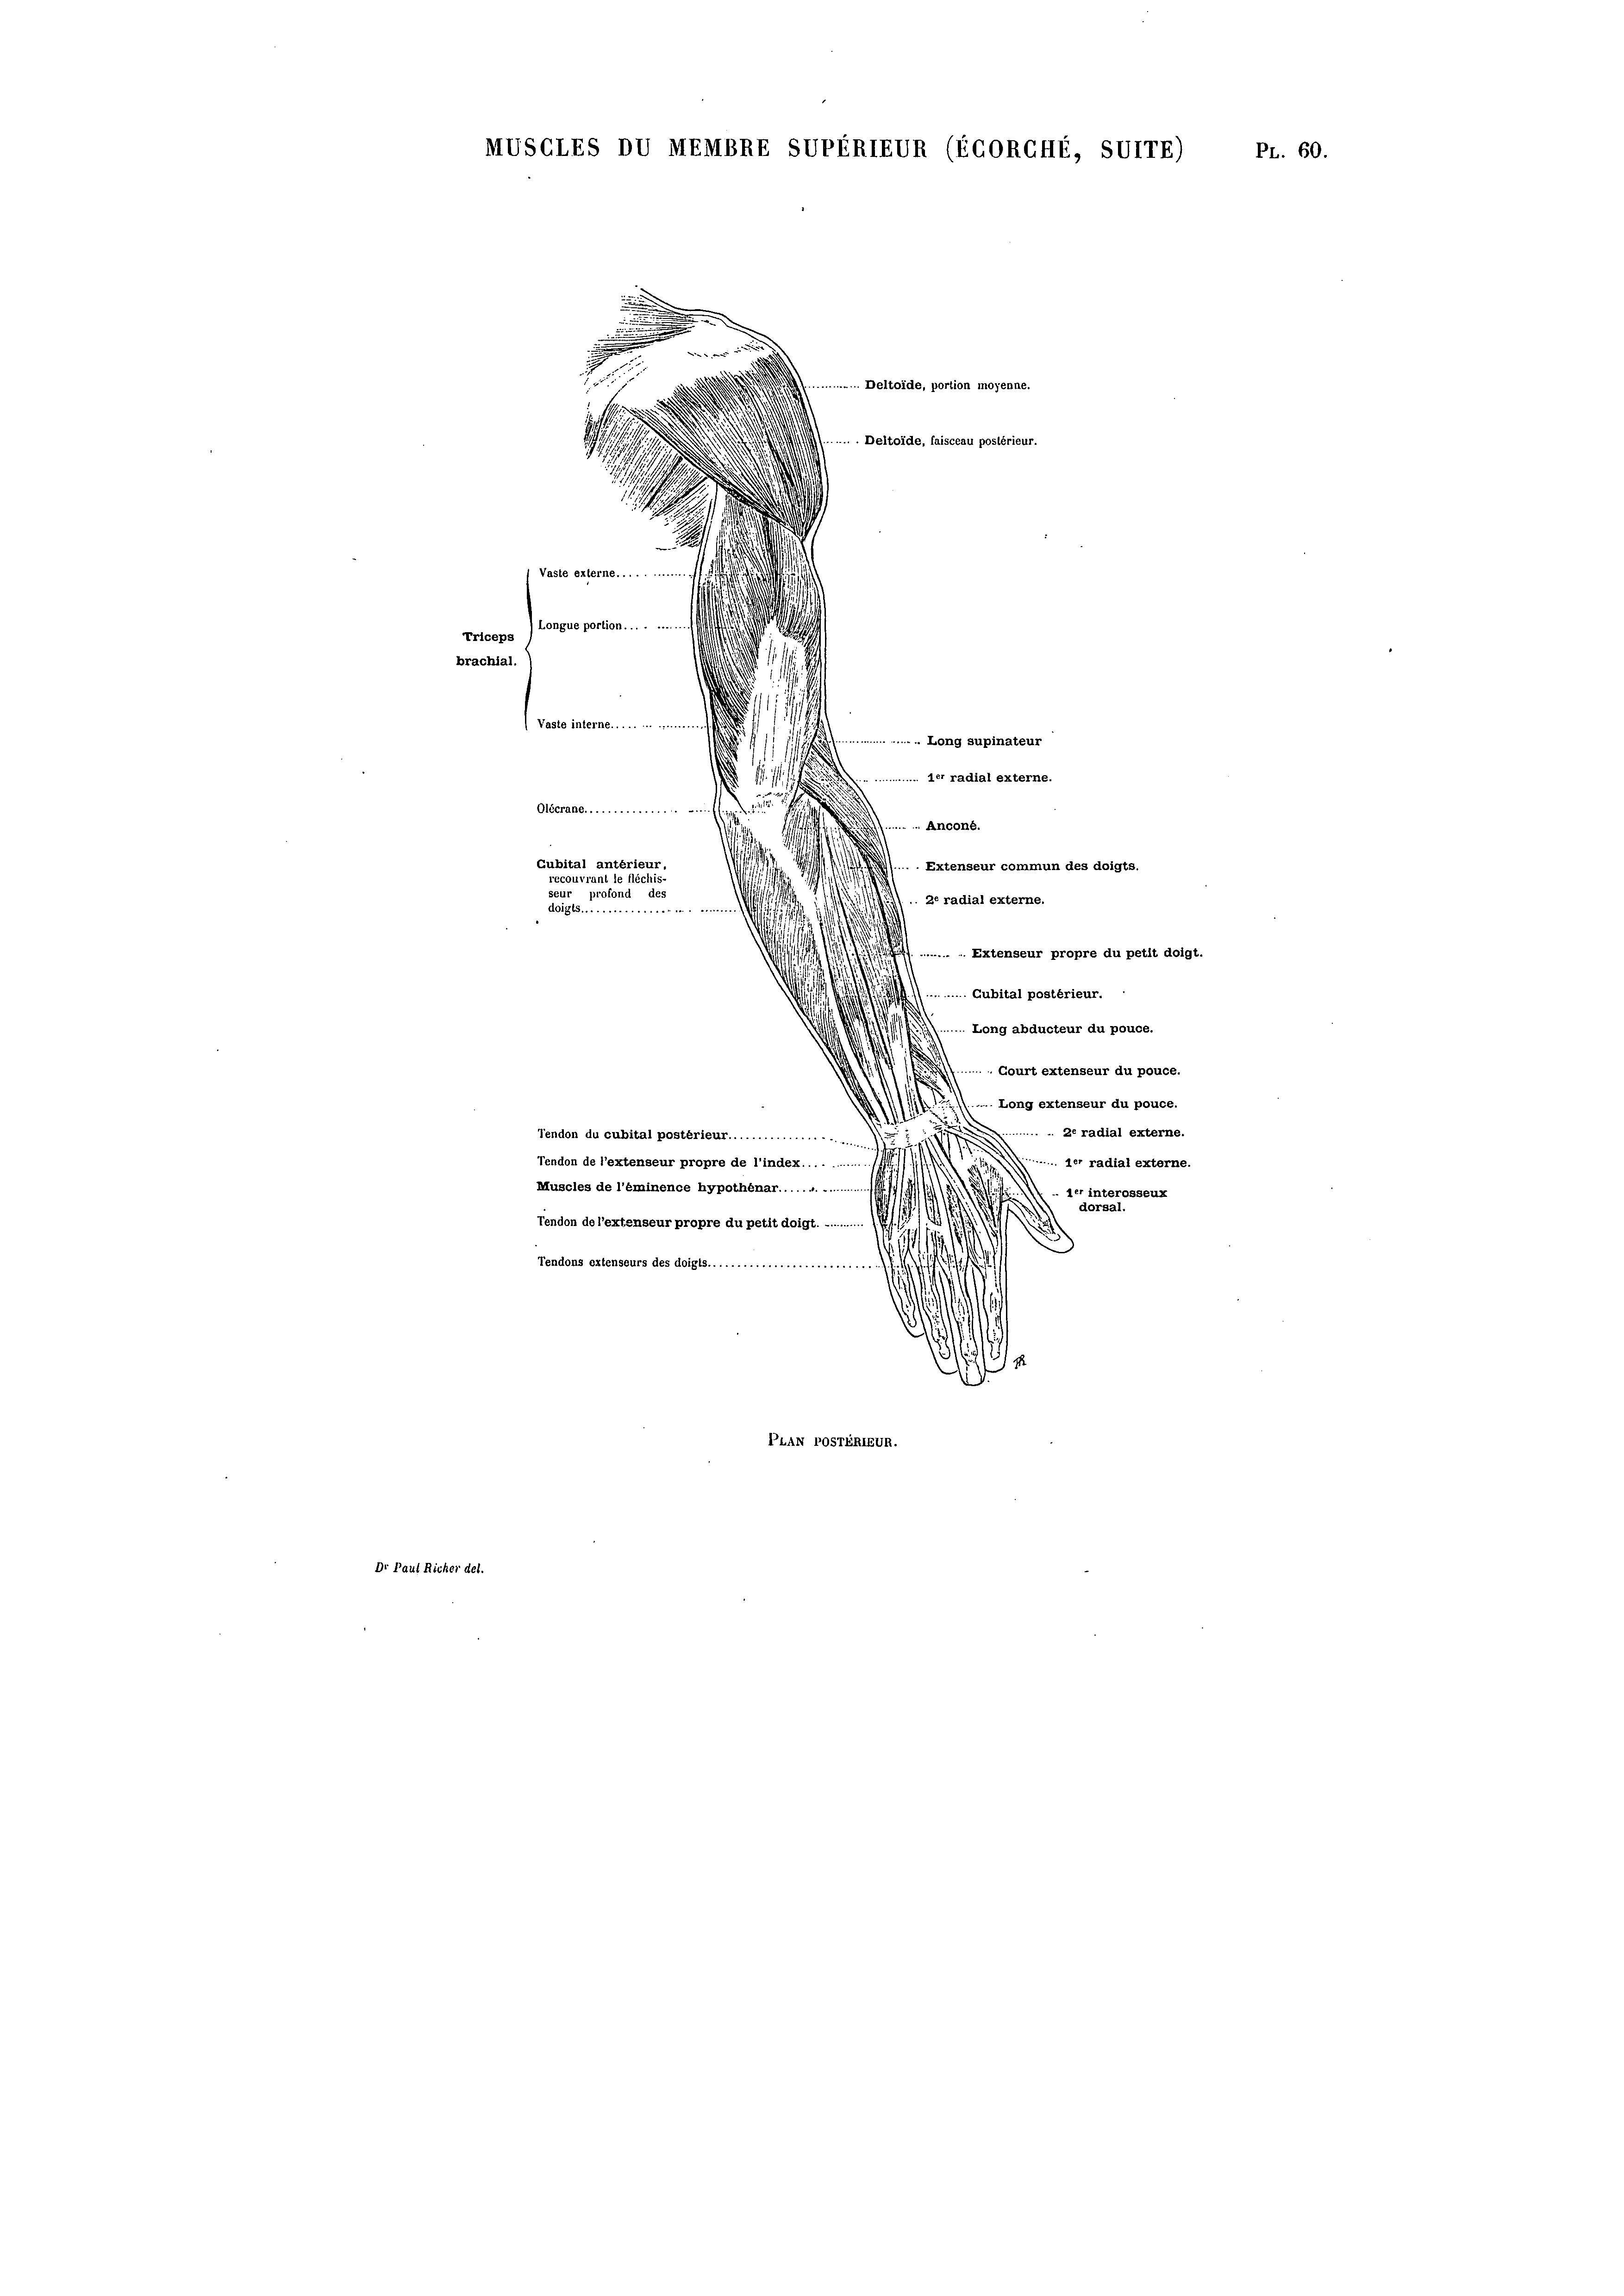 Großzügig Hals Anatomie Ct Scan Galerie - Menschliche Anatomie ...